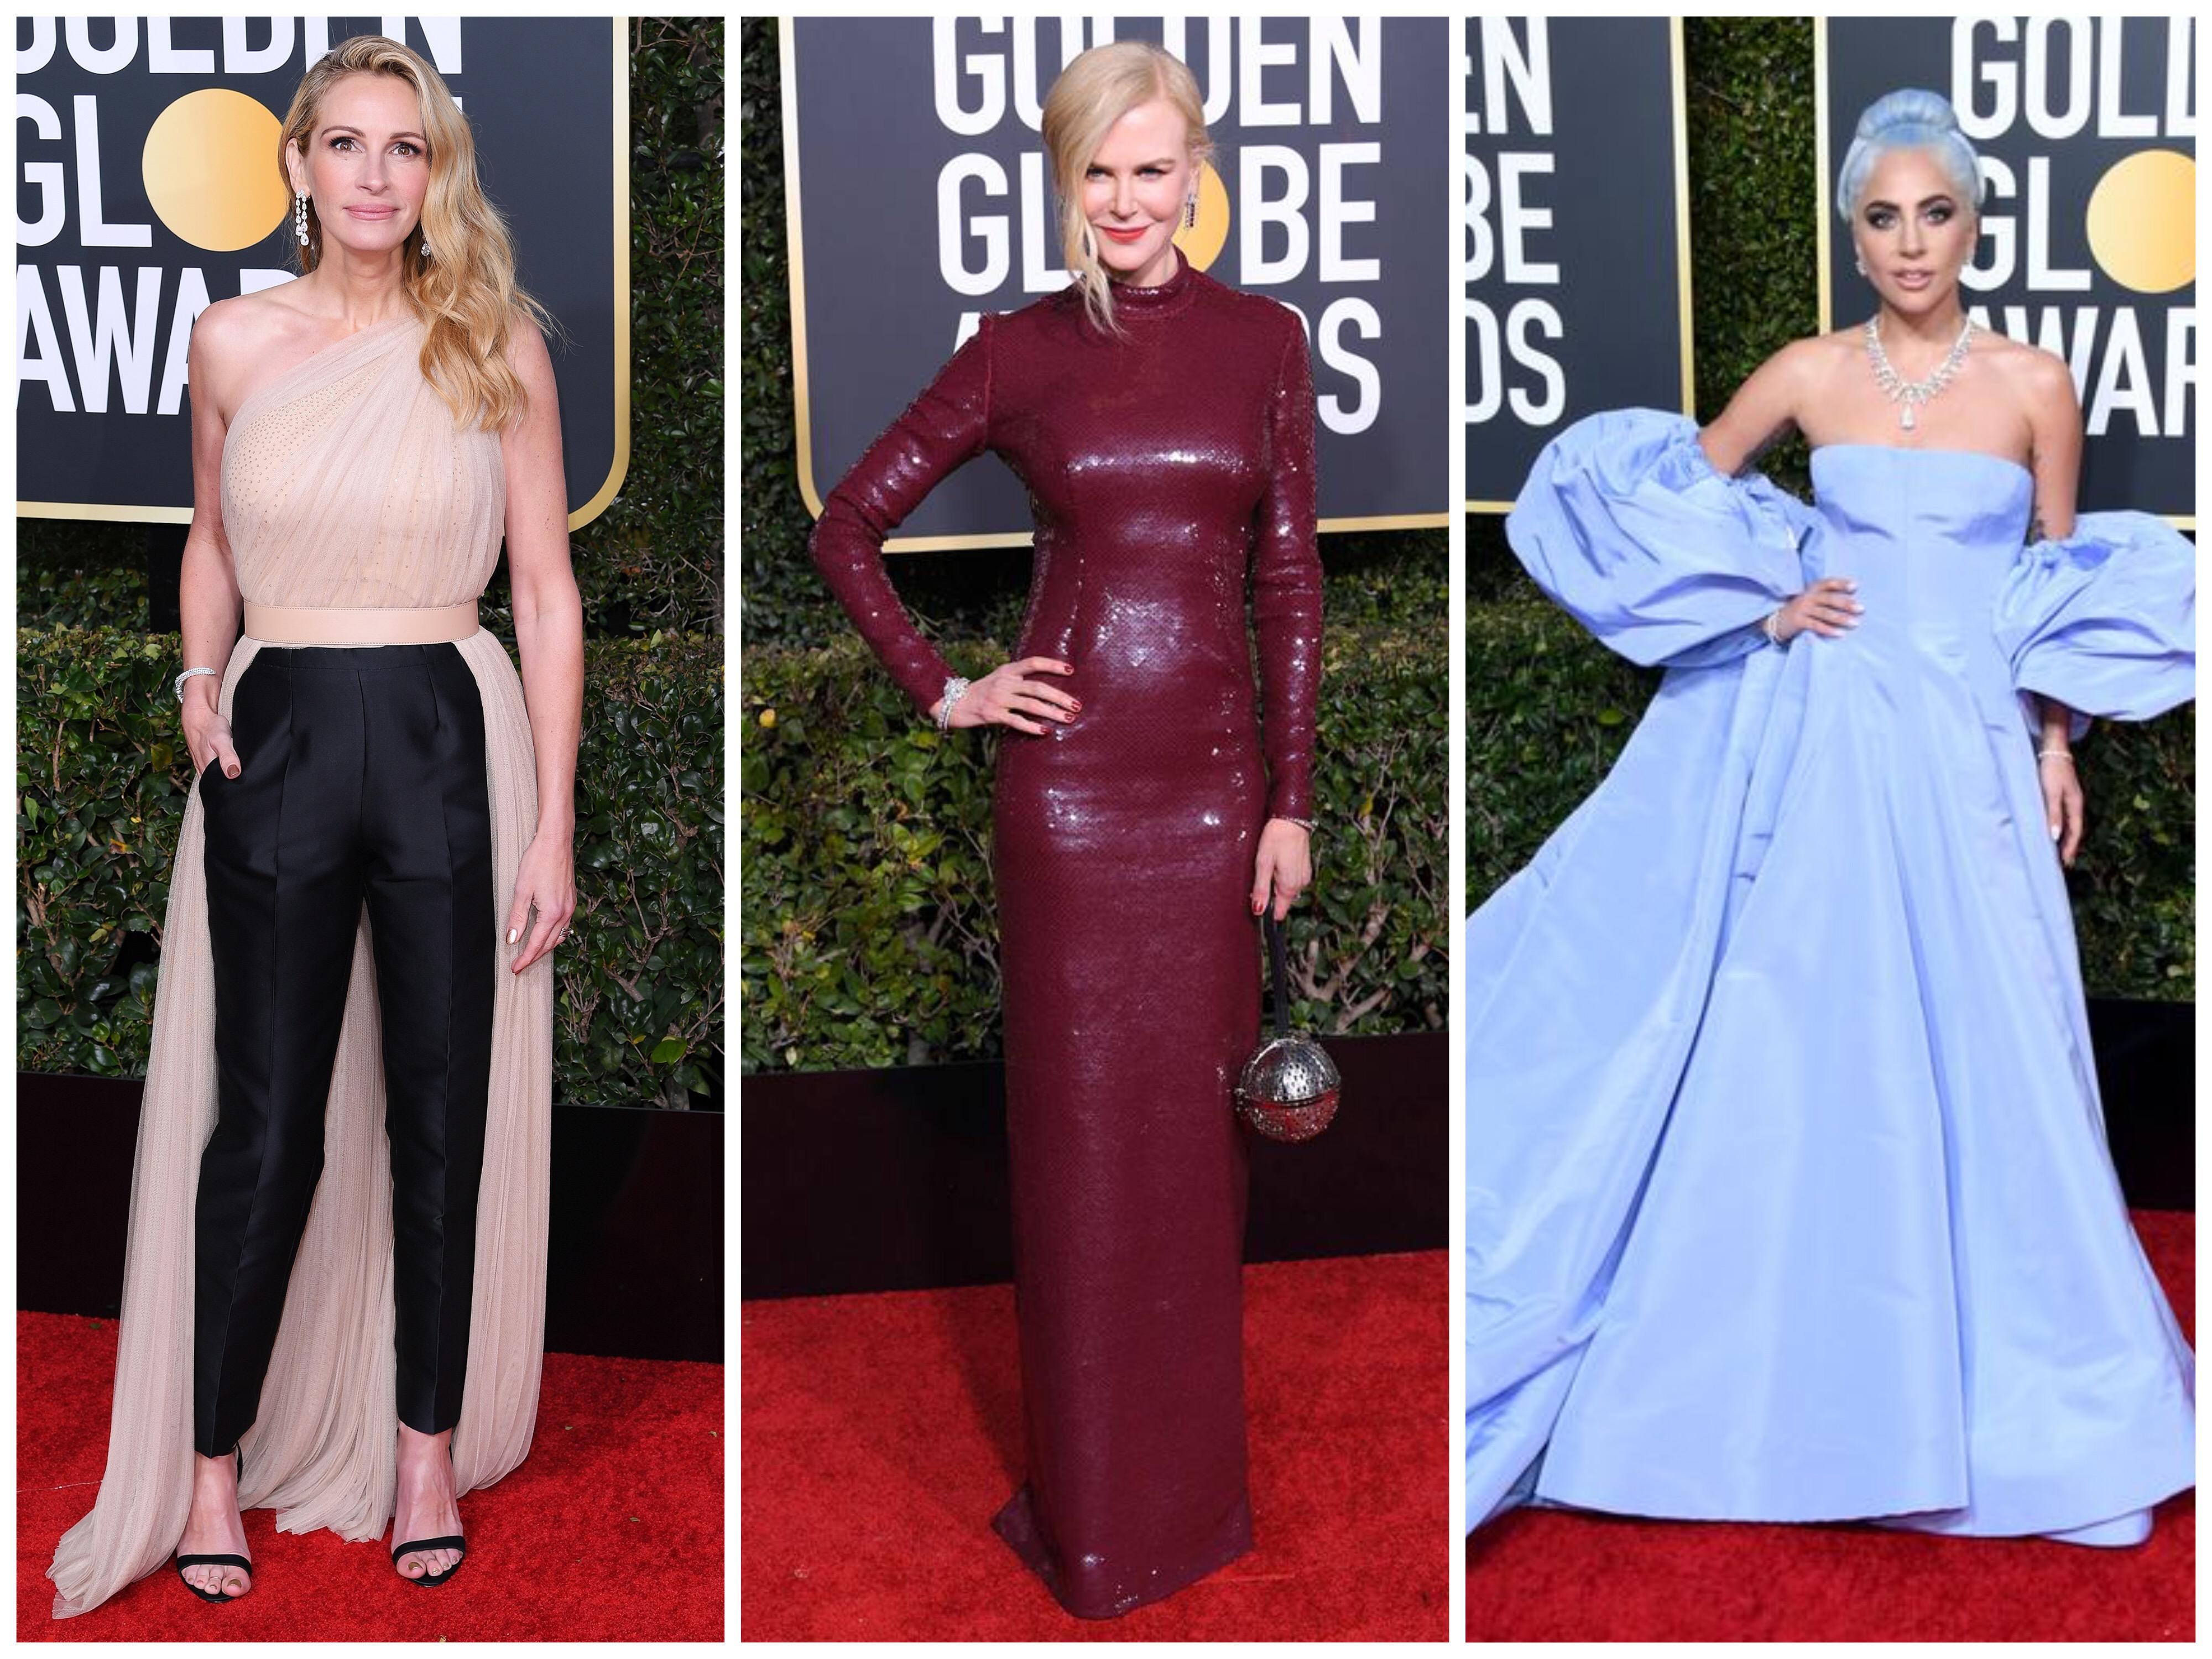 Ilyen volt az idei Golden Globe gála képekben